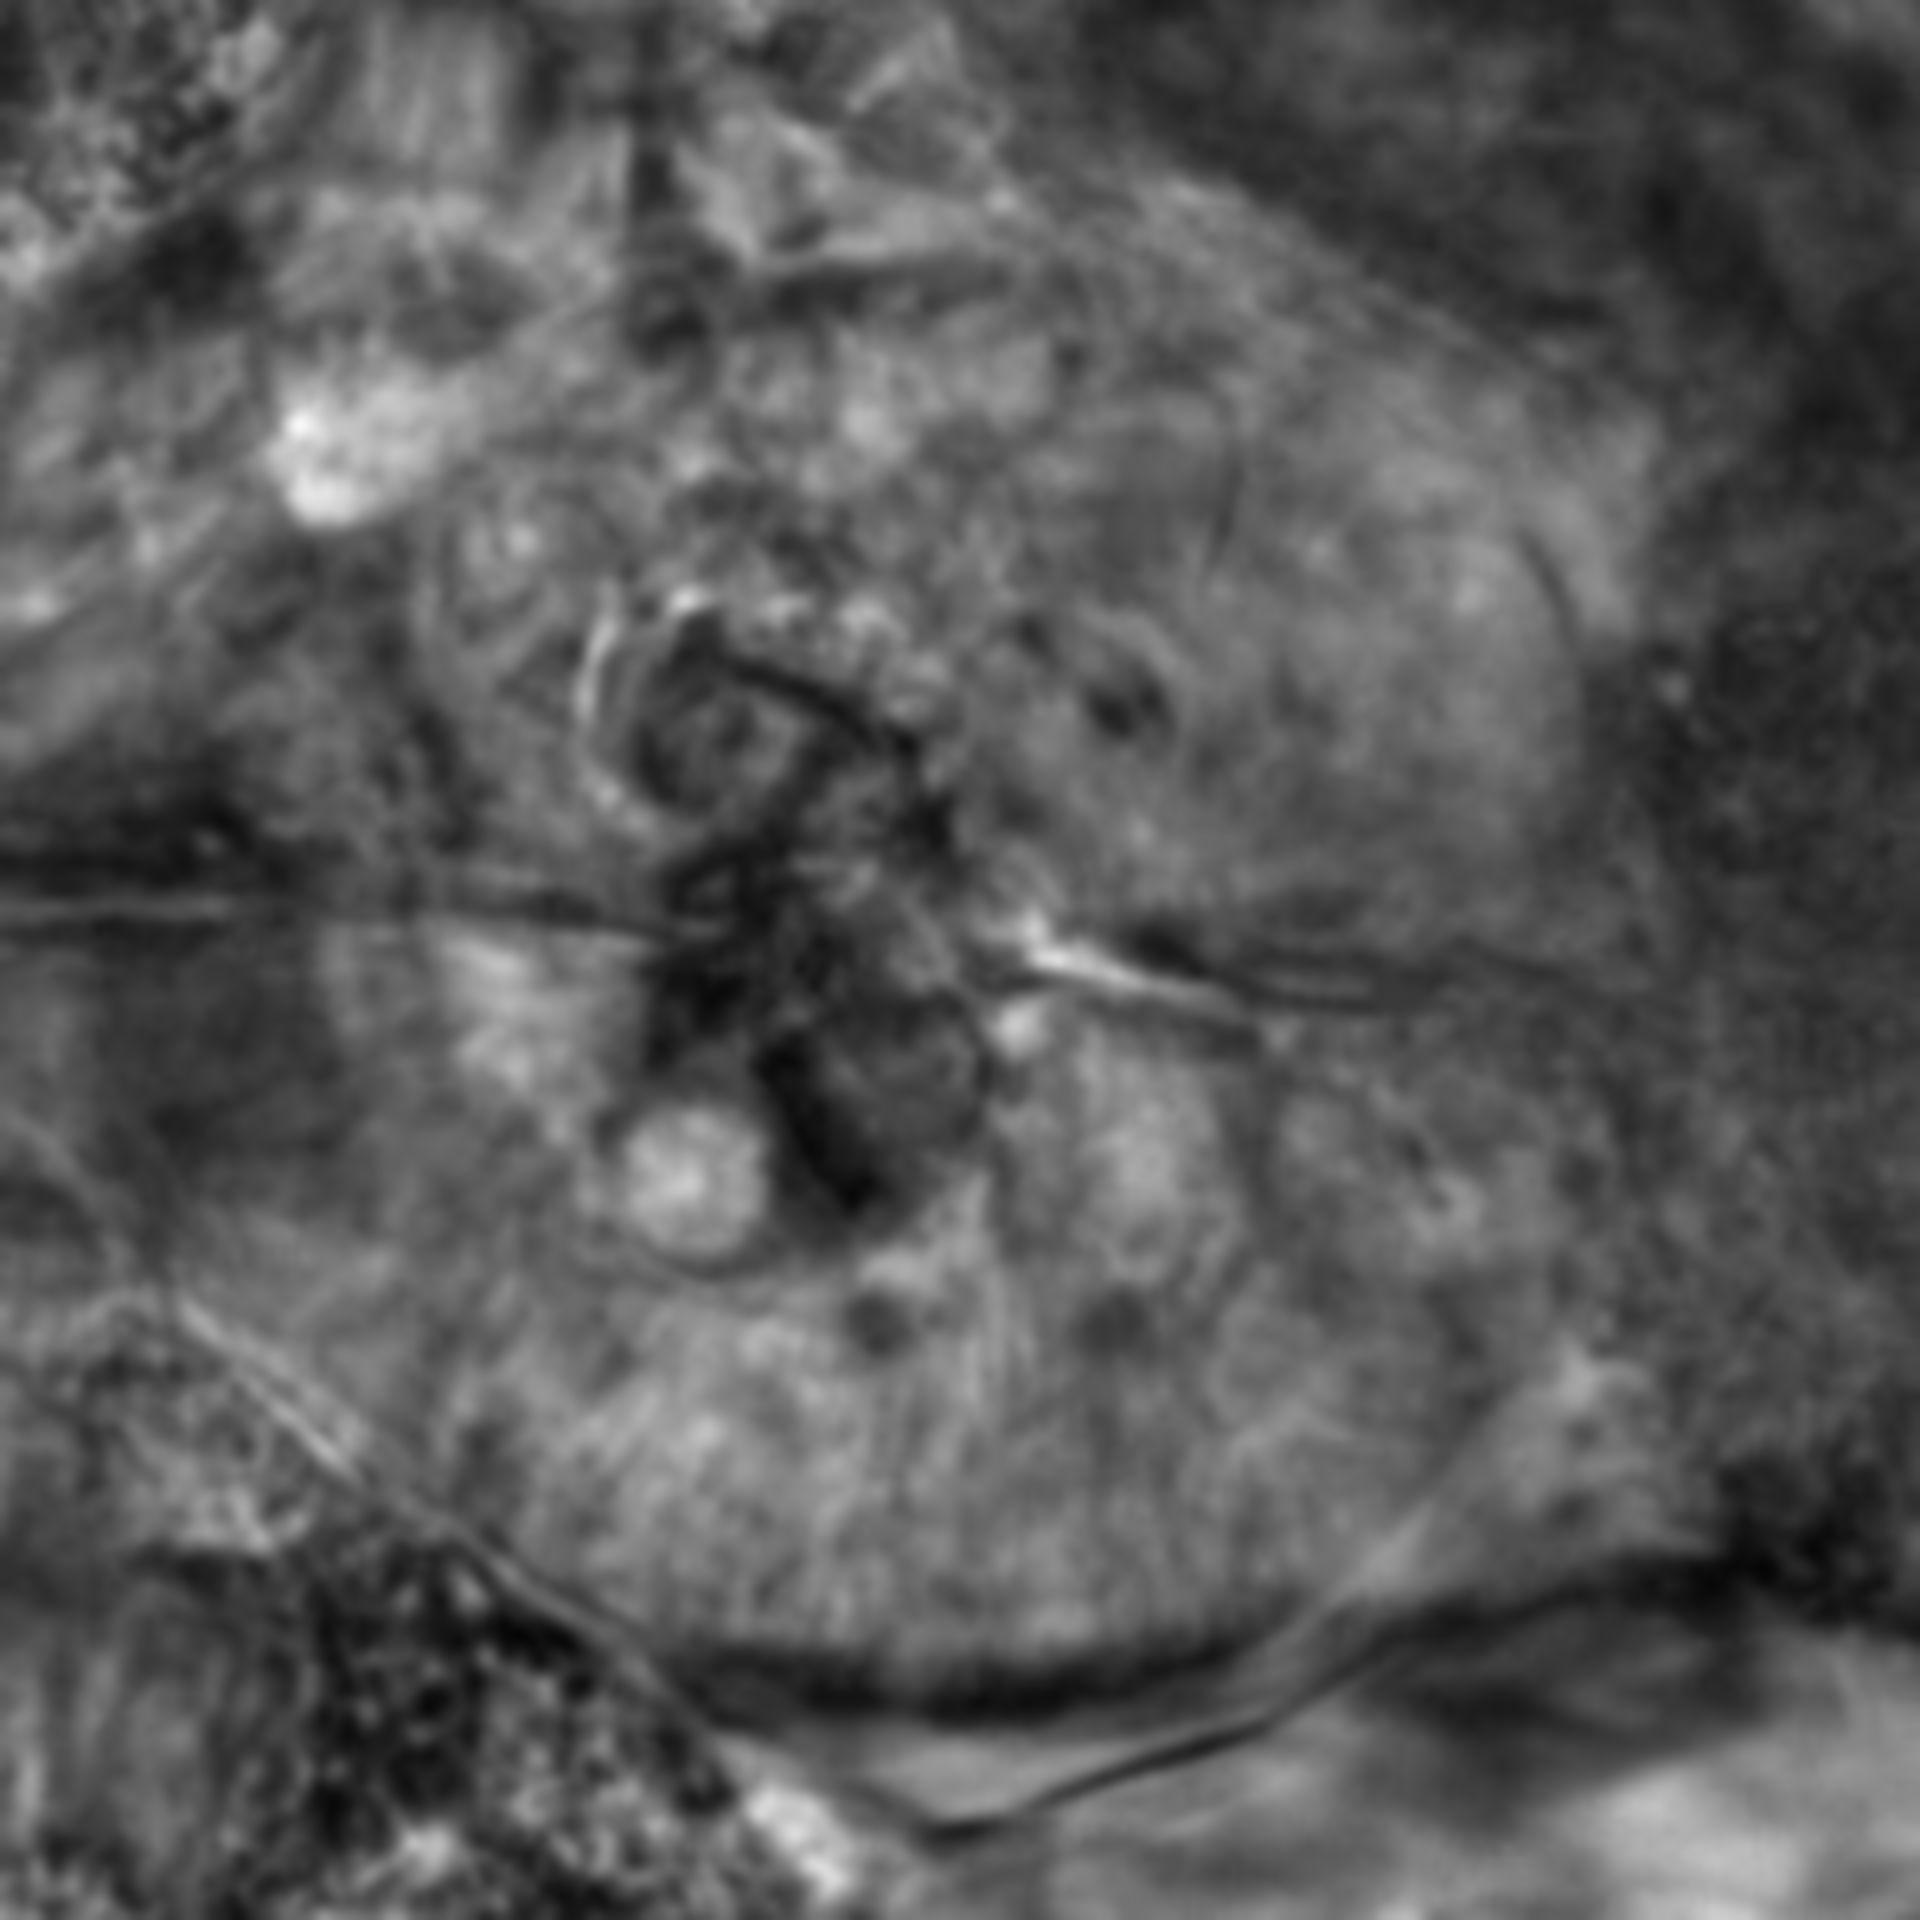 Caenorhabditis elegans - CIL:2675